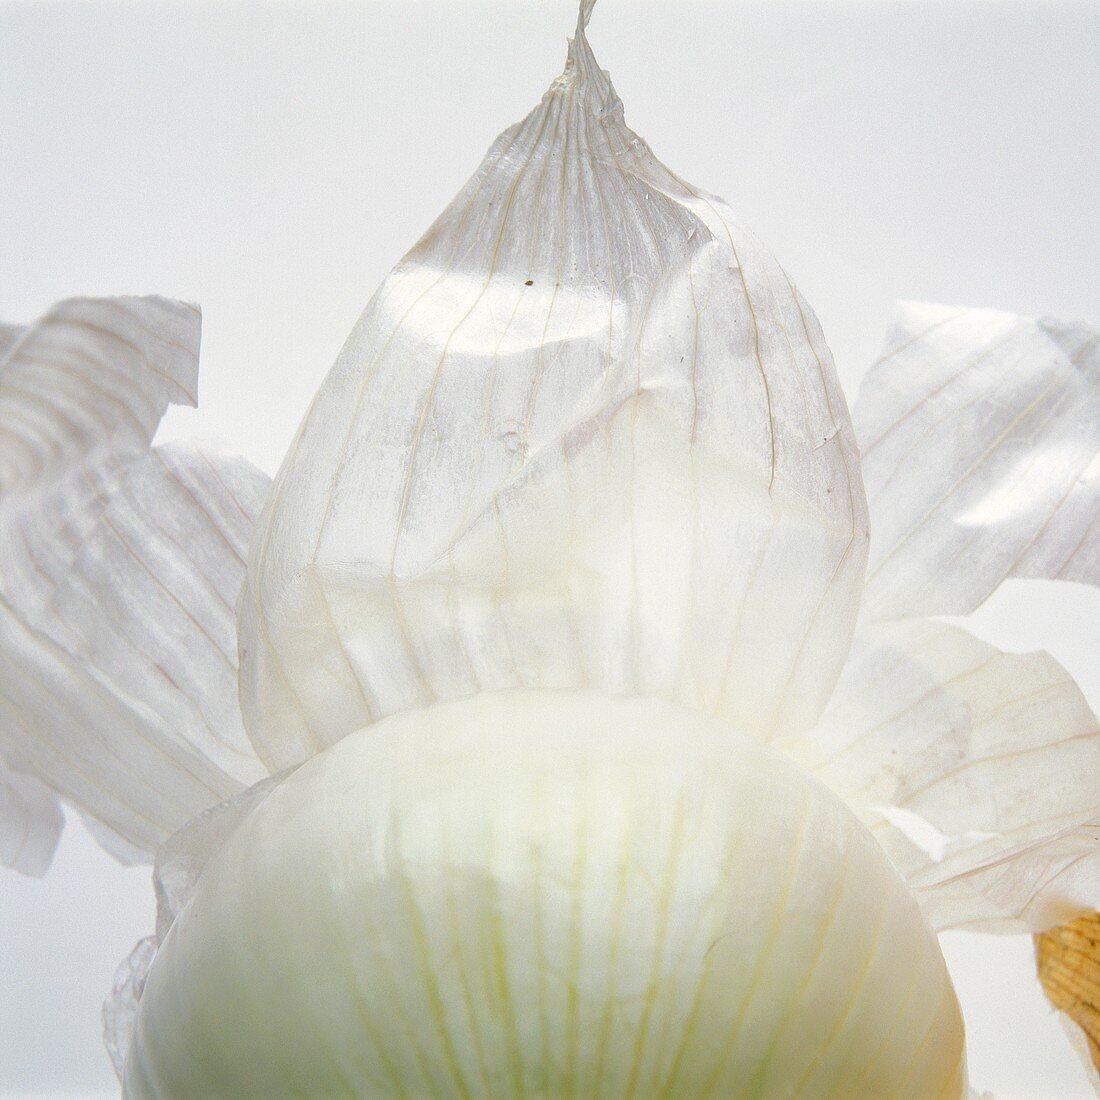 White Onion with Onion Skin